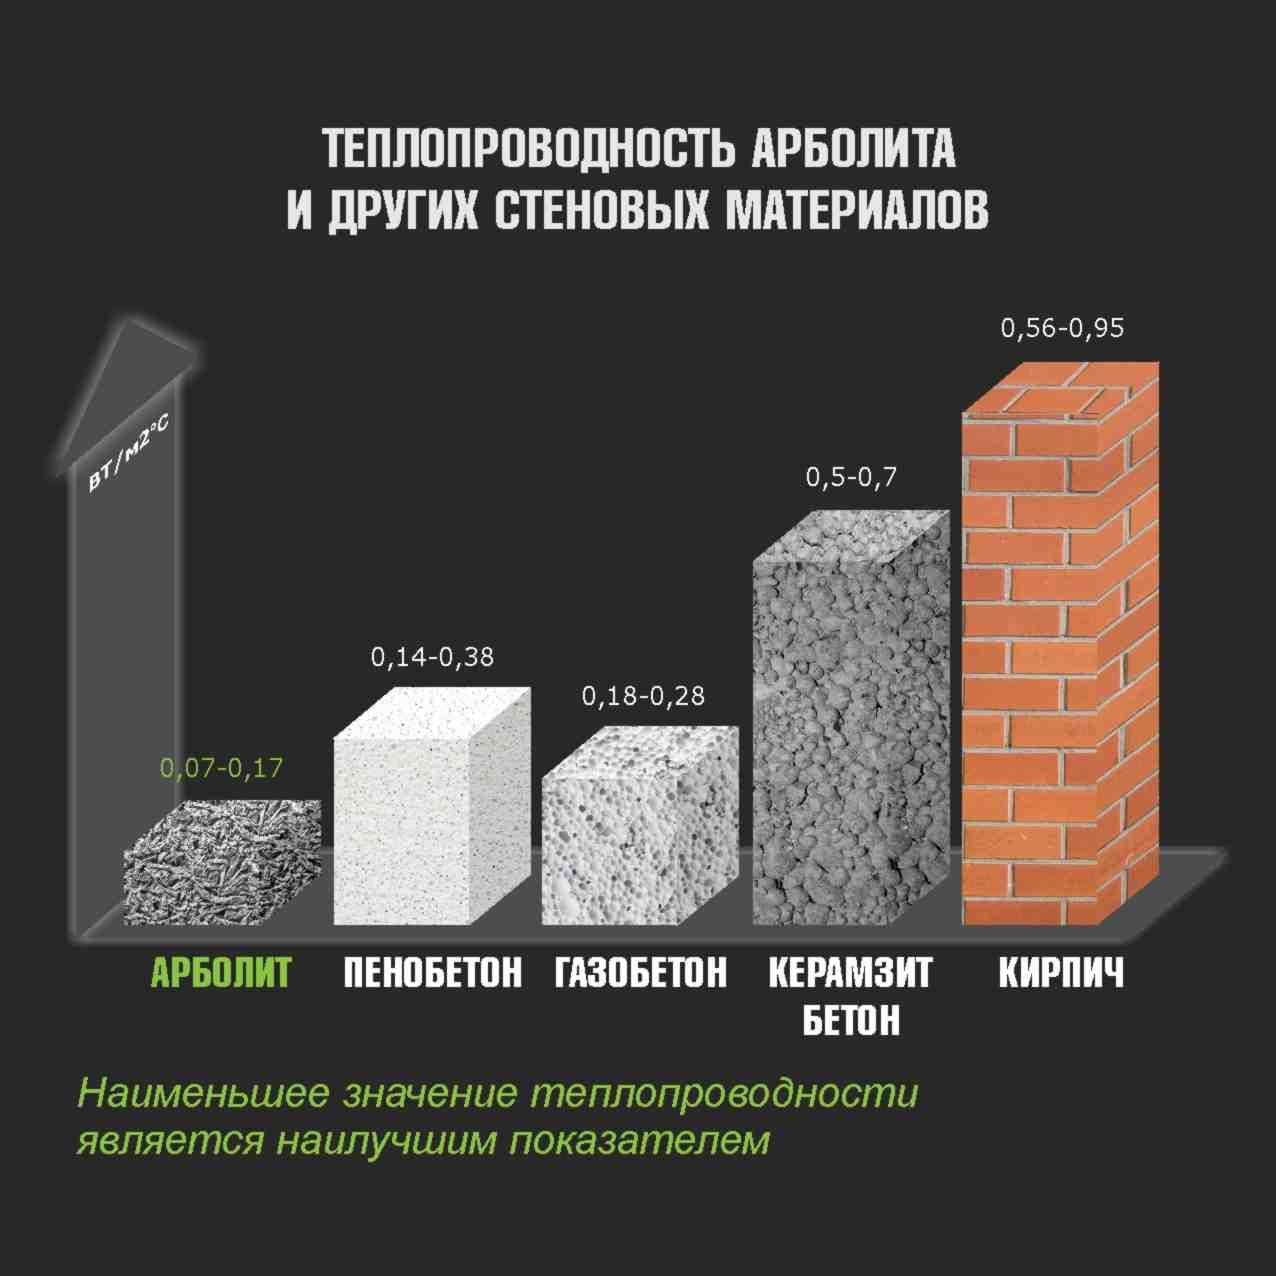 Арболит, арболитовые блоки – характеристики, свойства, размеры, состав, вес, что это такое арбоблоки + фото, видео испытаний